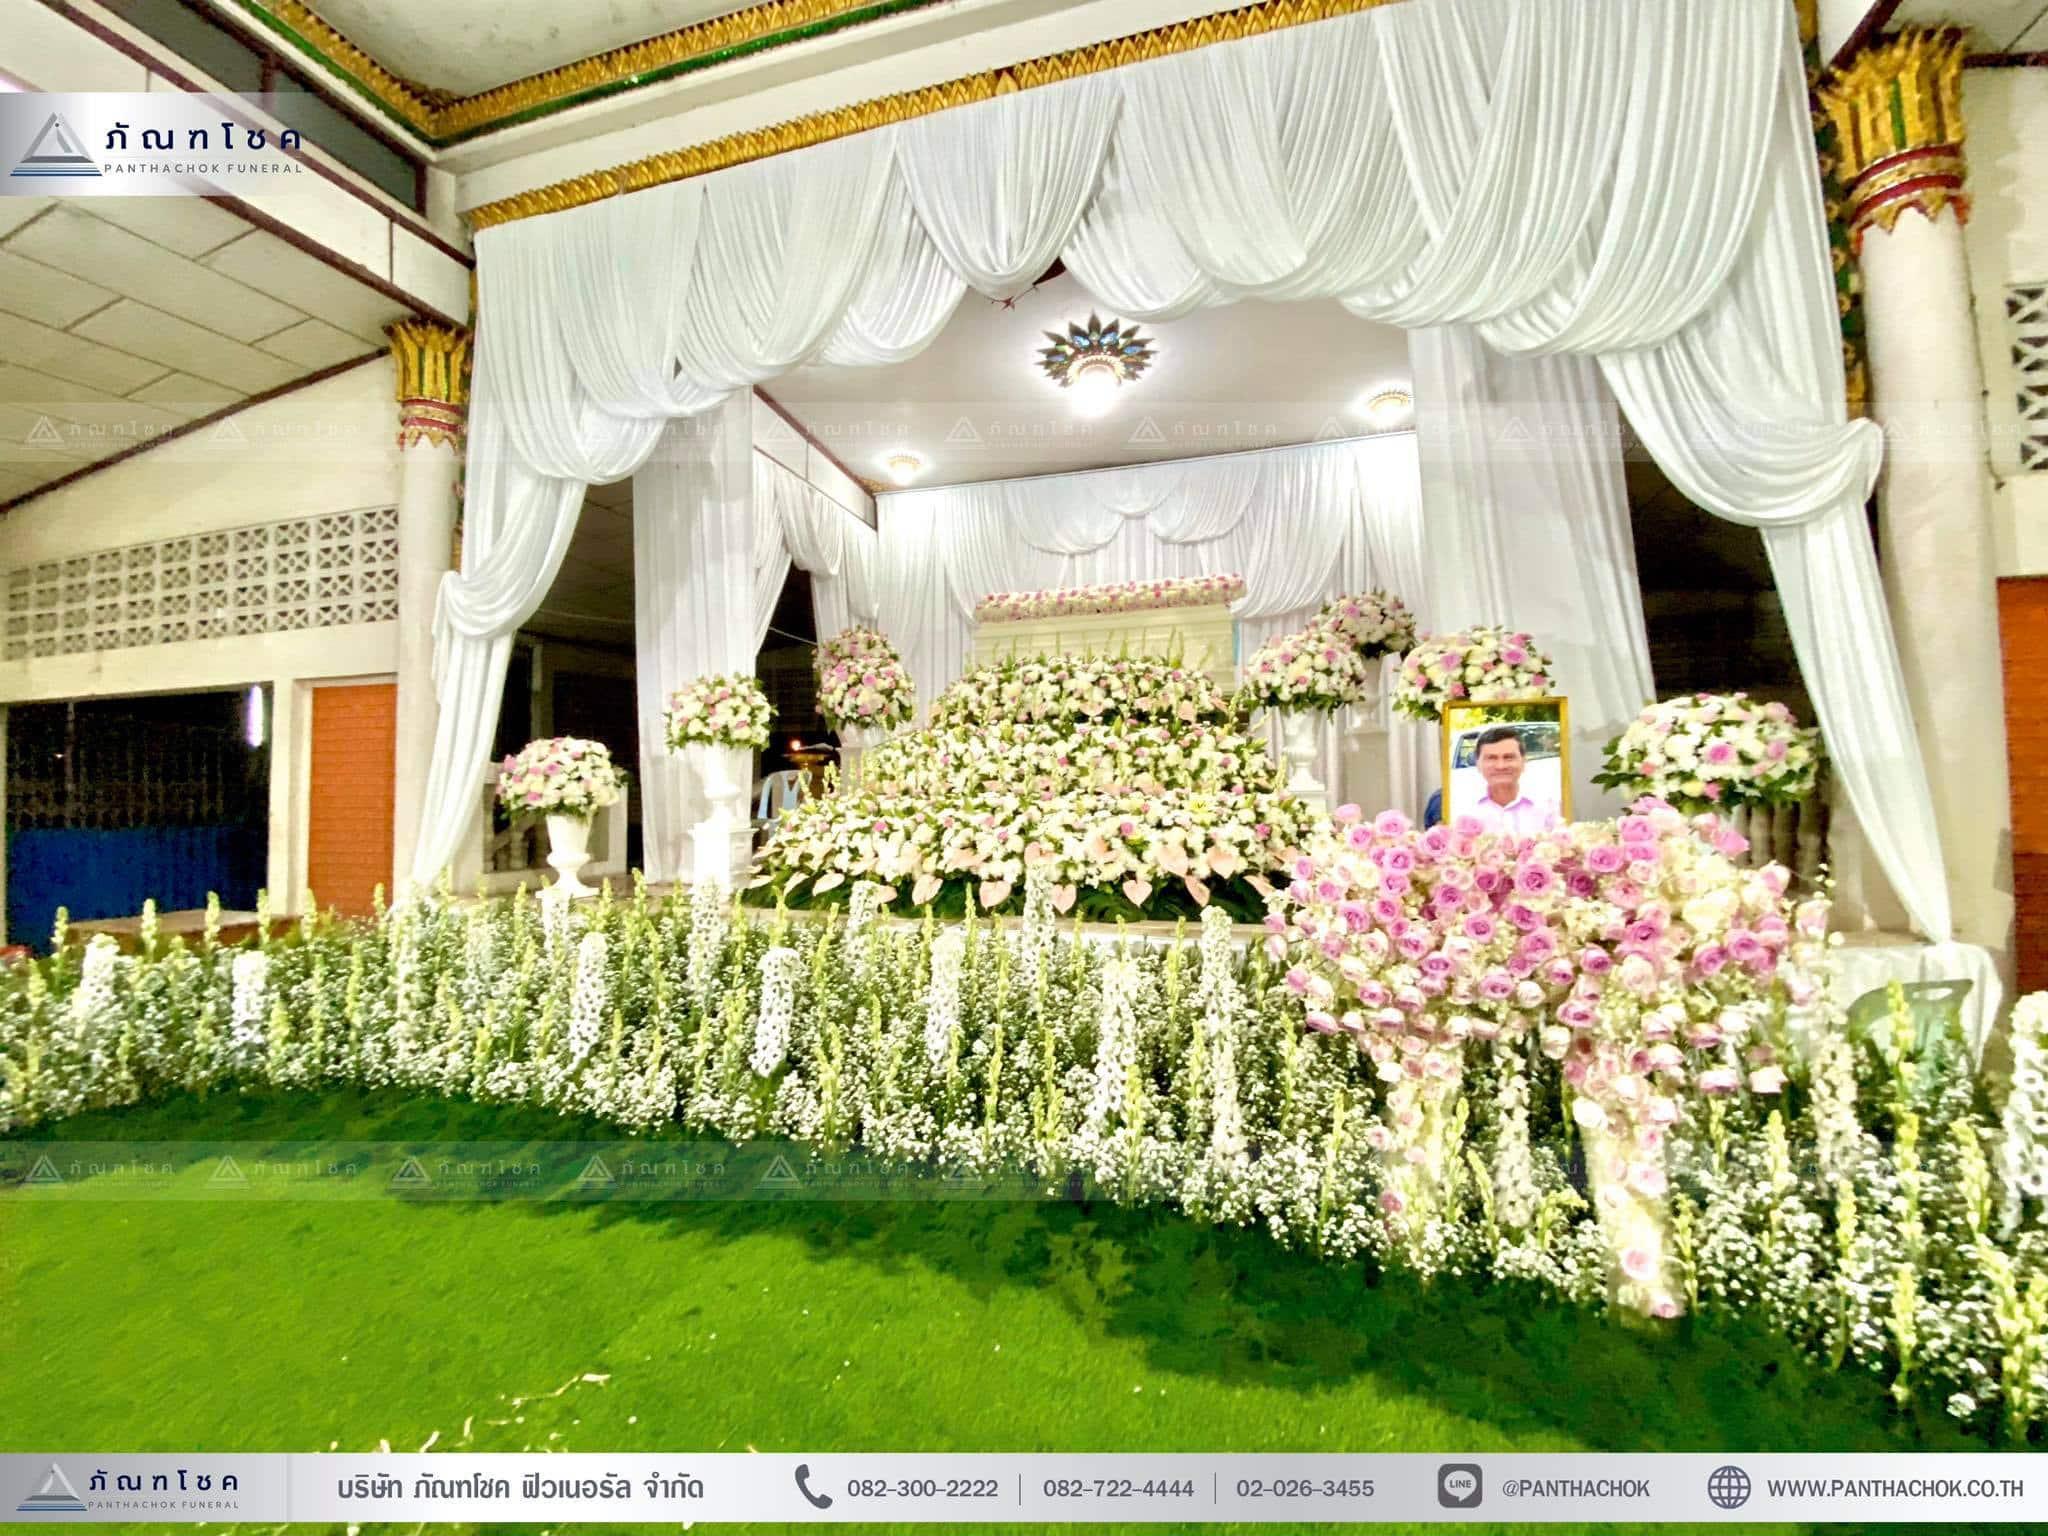 จัดดอกไม้ราชบุรี จัดดอกไม้งานศพ ดอกไม้งานศพโทนชมพูขาว